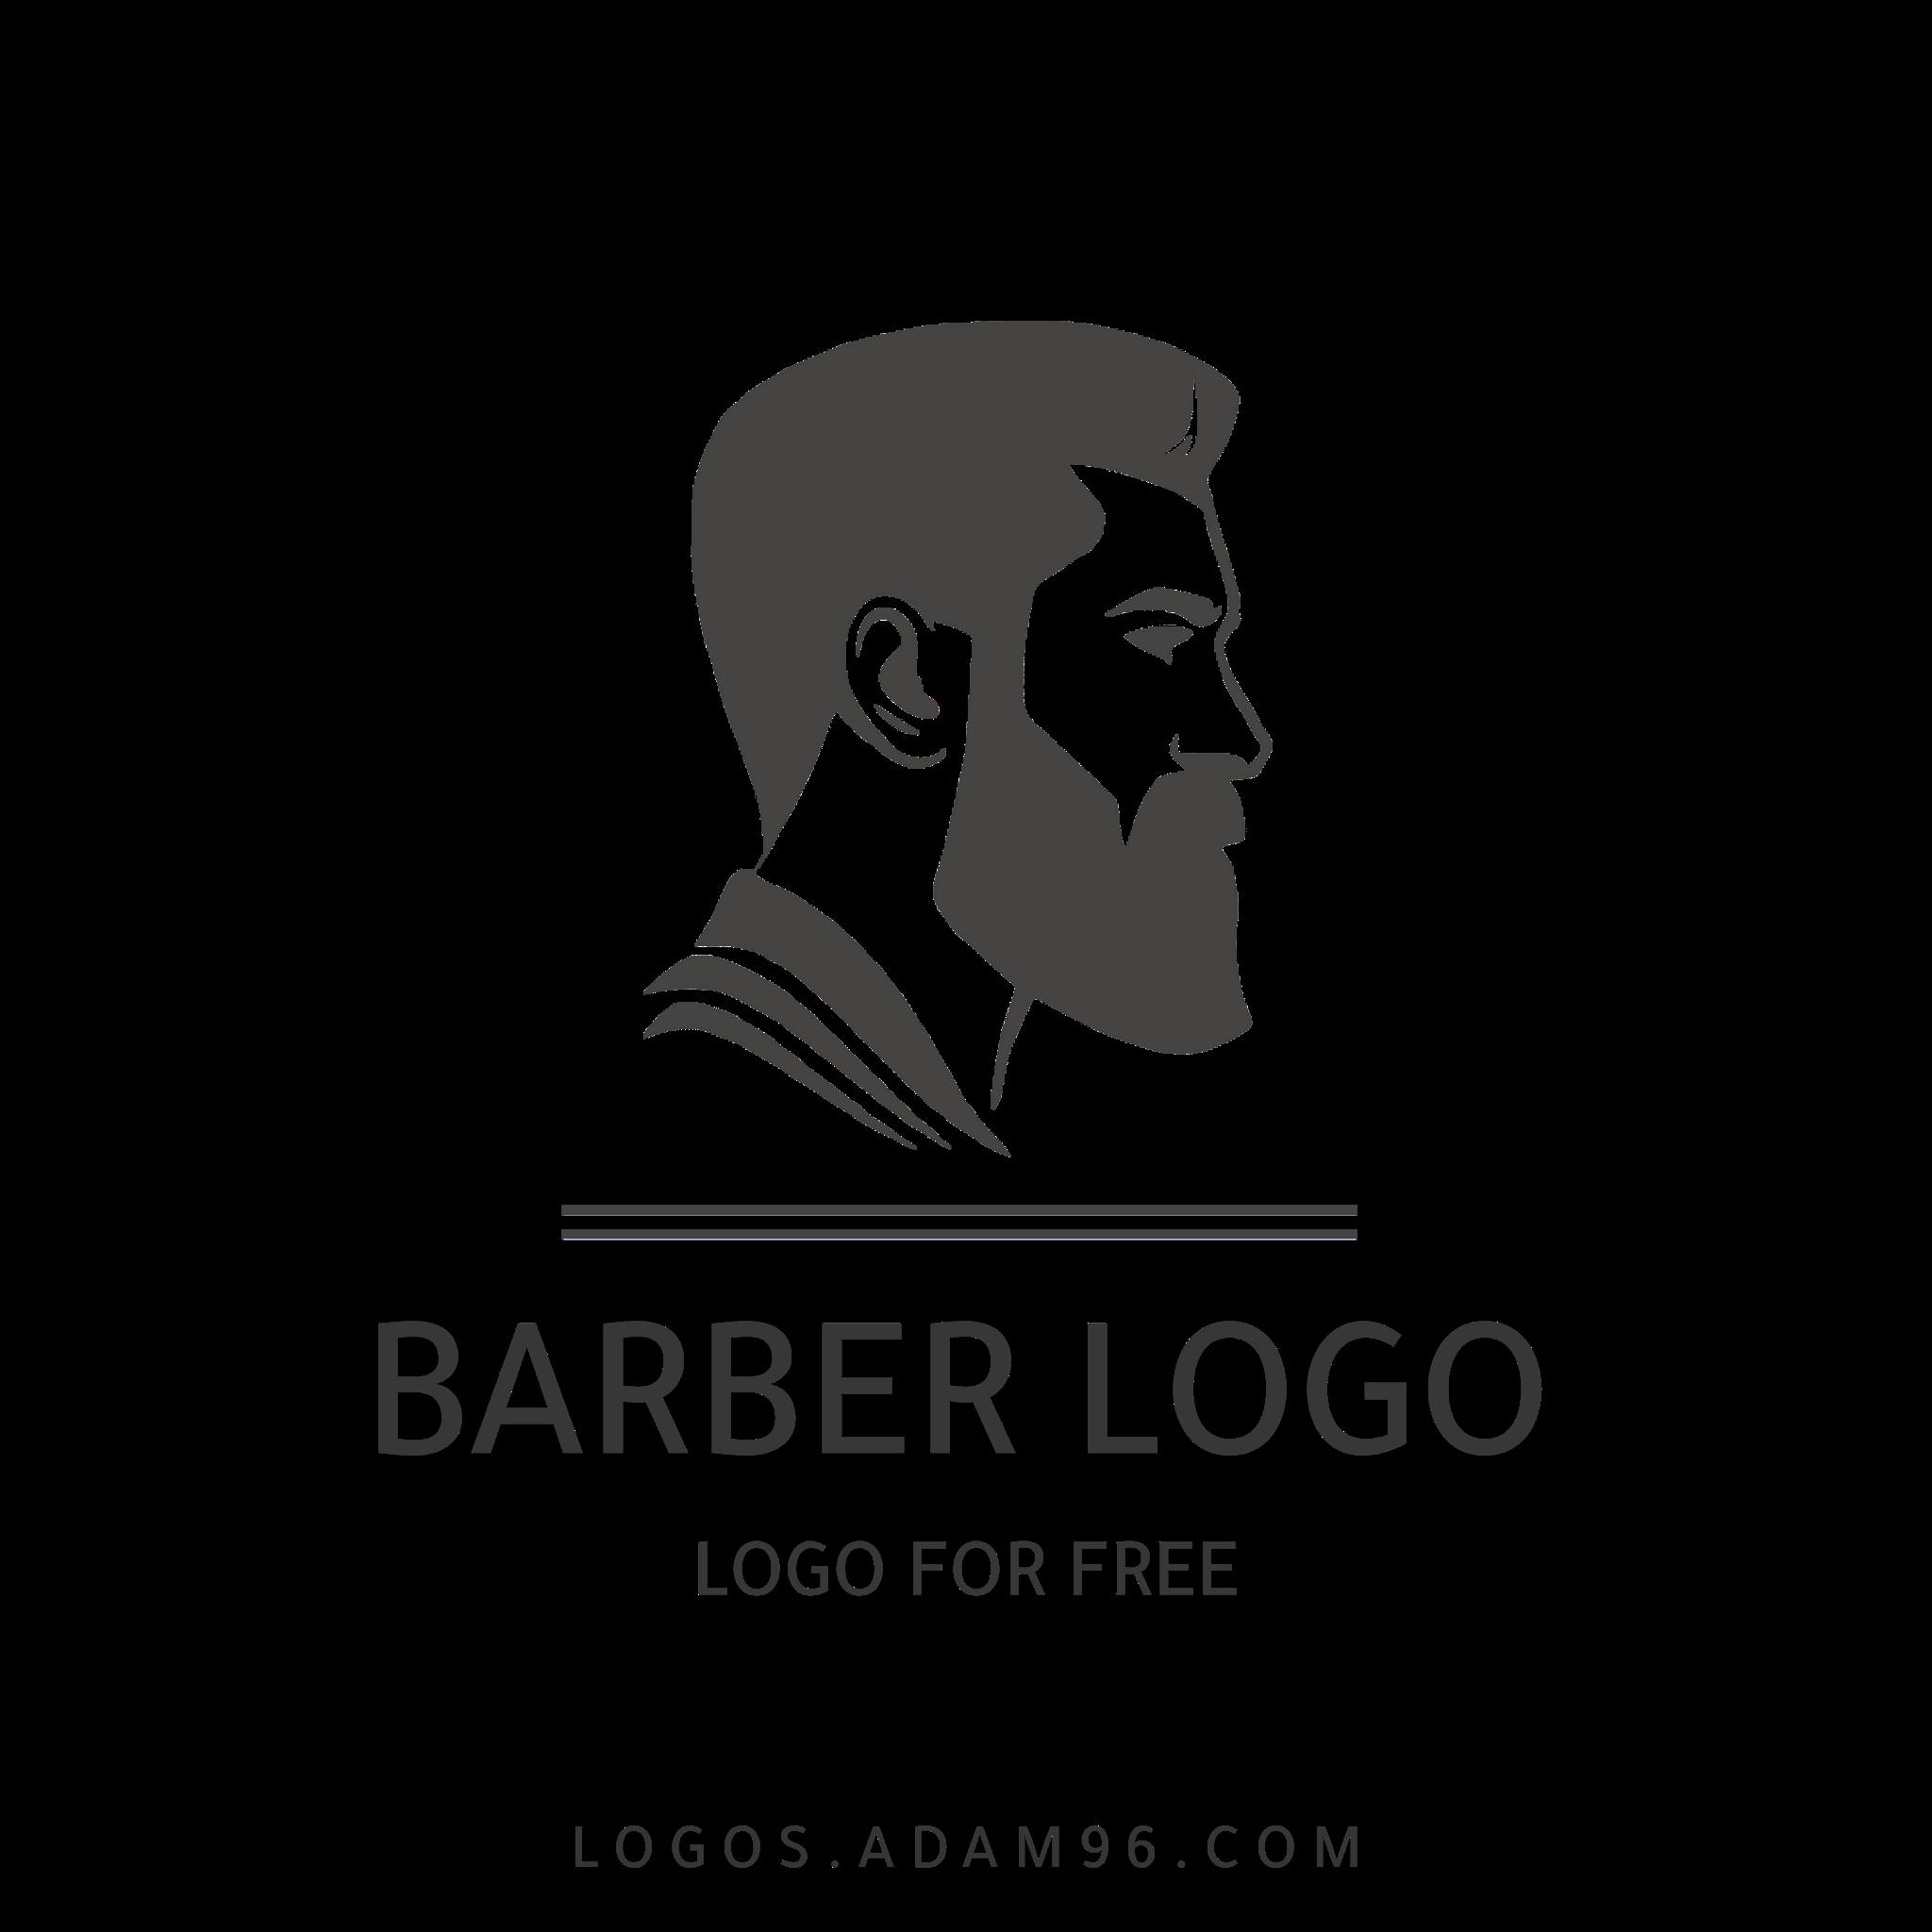 Download barber Shop logo PNG - Free Vector